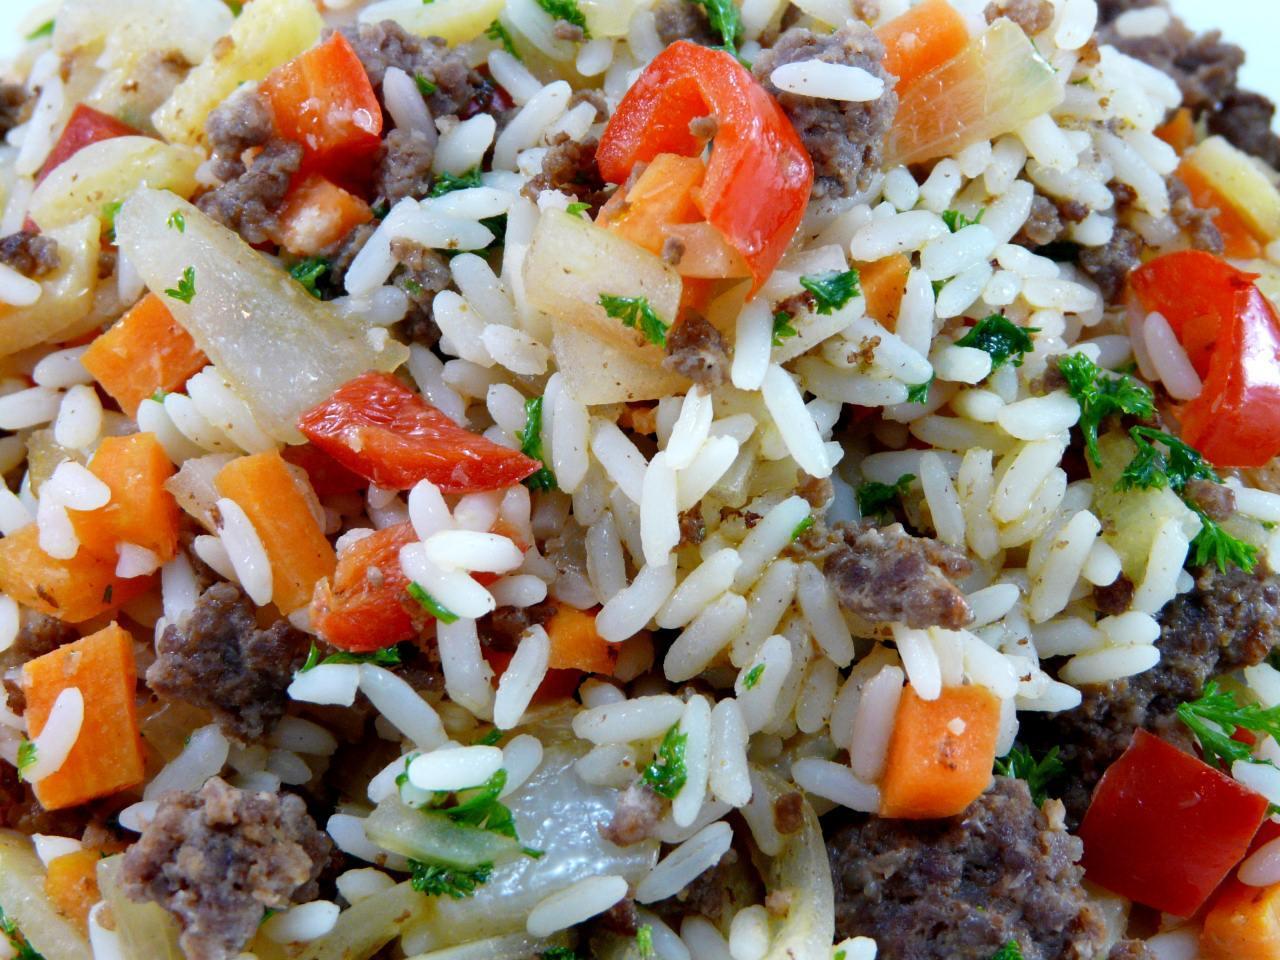 mit dem gekochten Reis vermischen